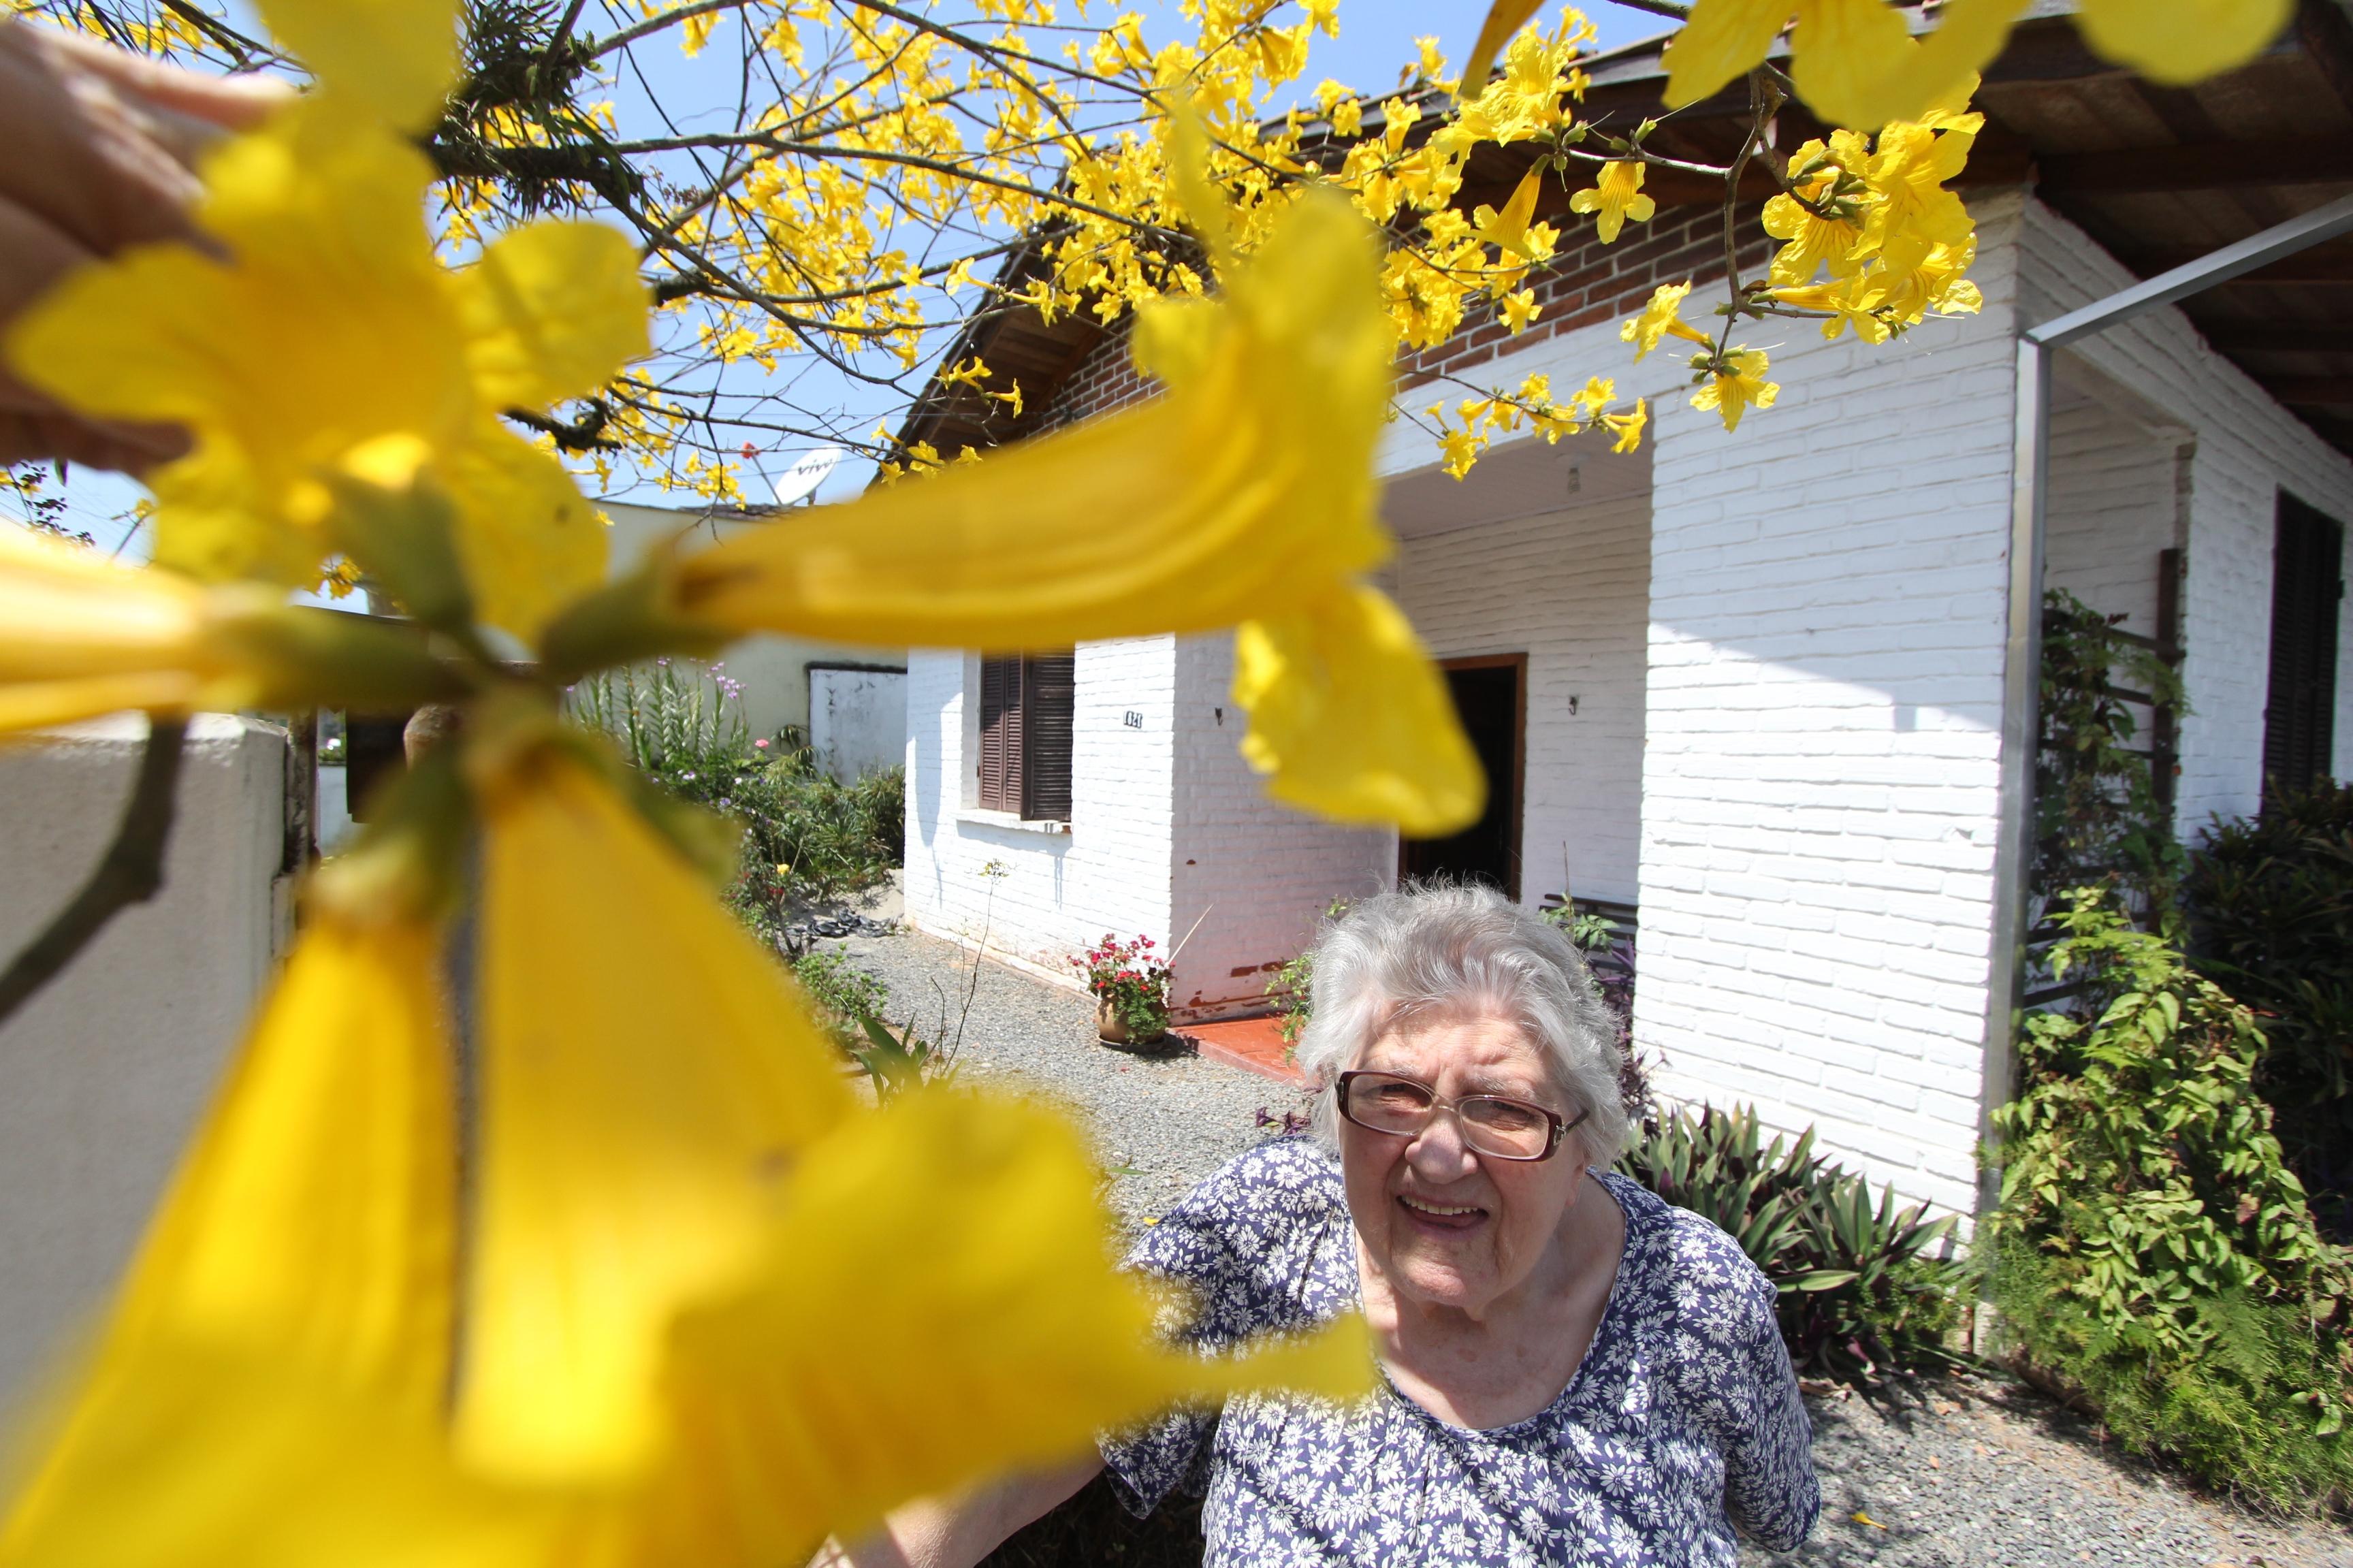 Aposentada tem orgulho da árvore que dá ainda mais cor ao seu jardim - Fabrício Porto/ND